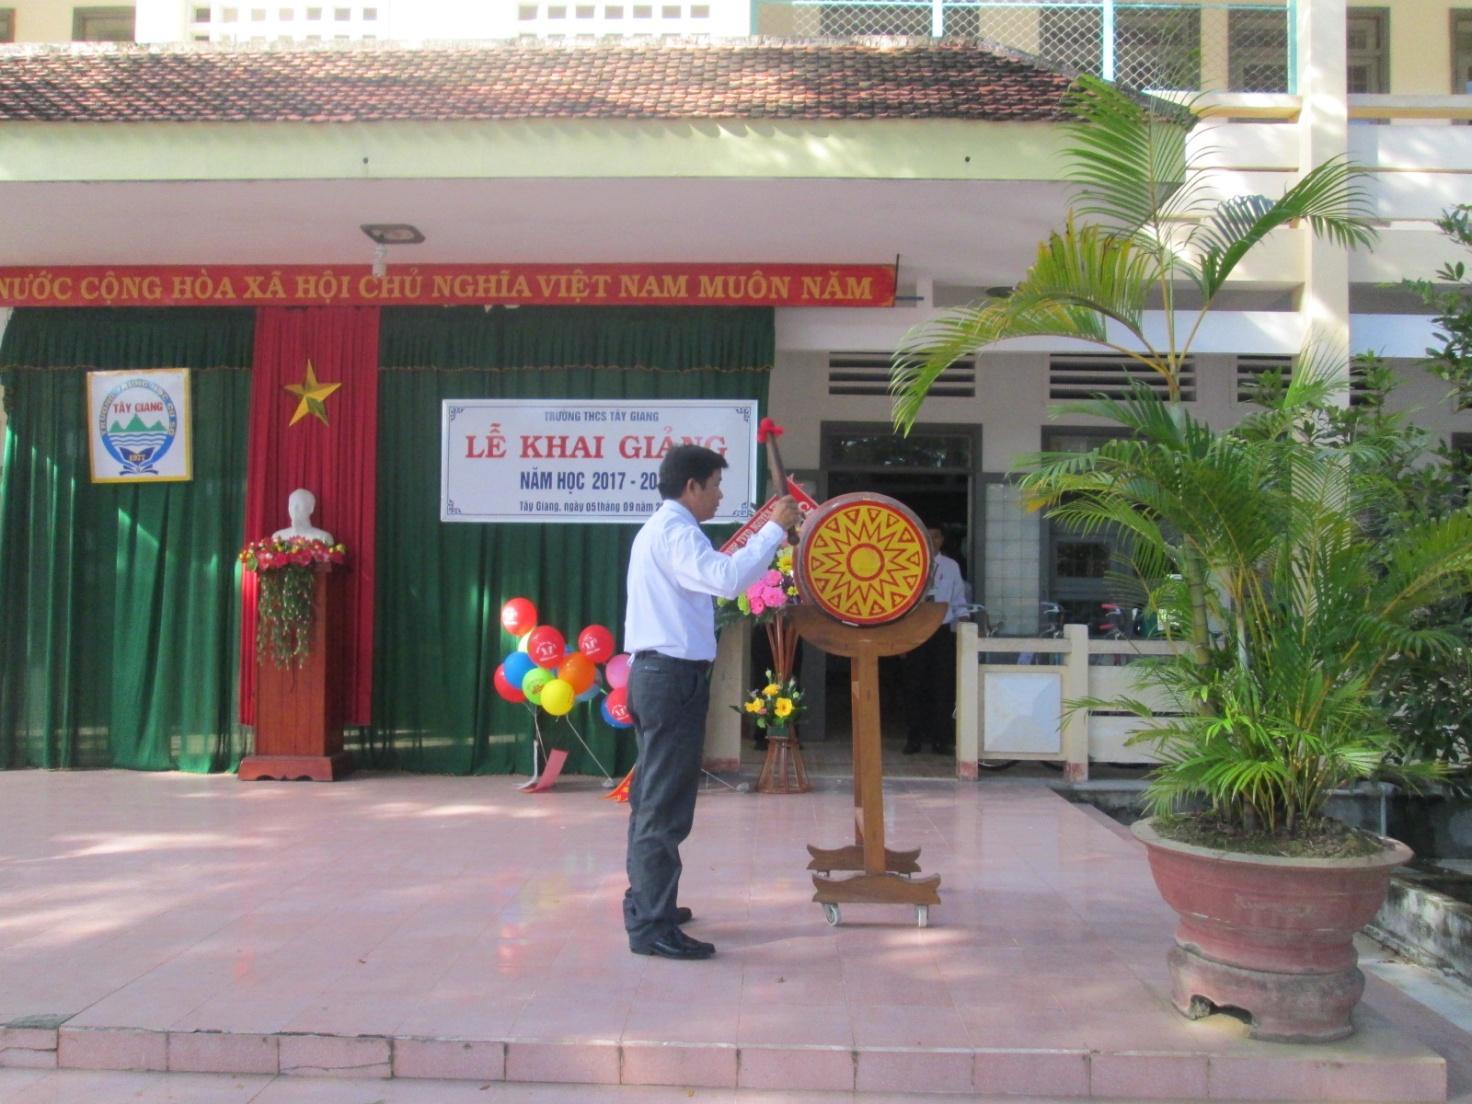 Đồng chí Trần Văn Hùng – Huyện ủy viên, Phó Chủ tịch Hội đồng nhân dân huyện Tây Sơn đánh trống khai trường, mở đầu một năm học mới.